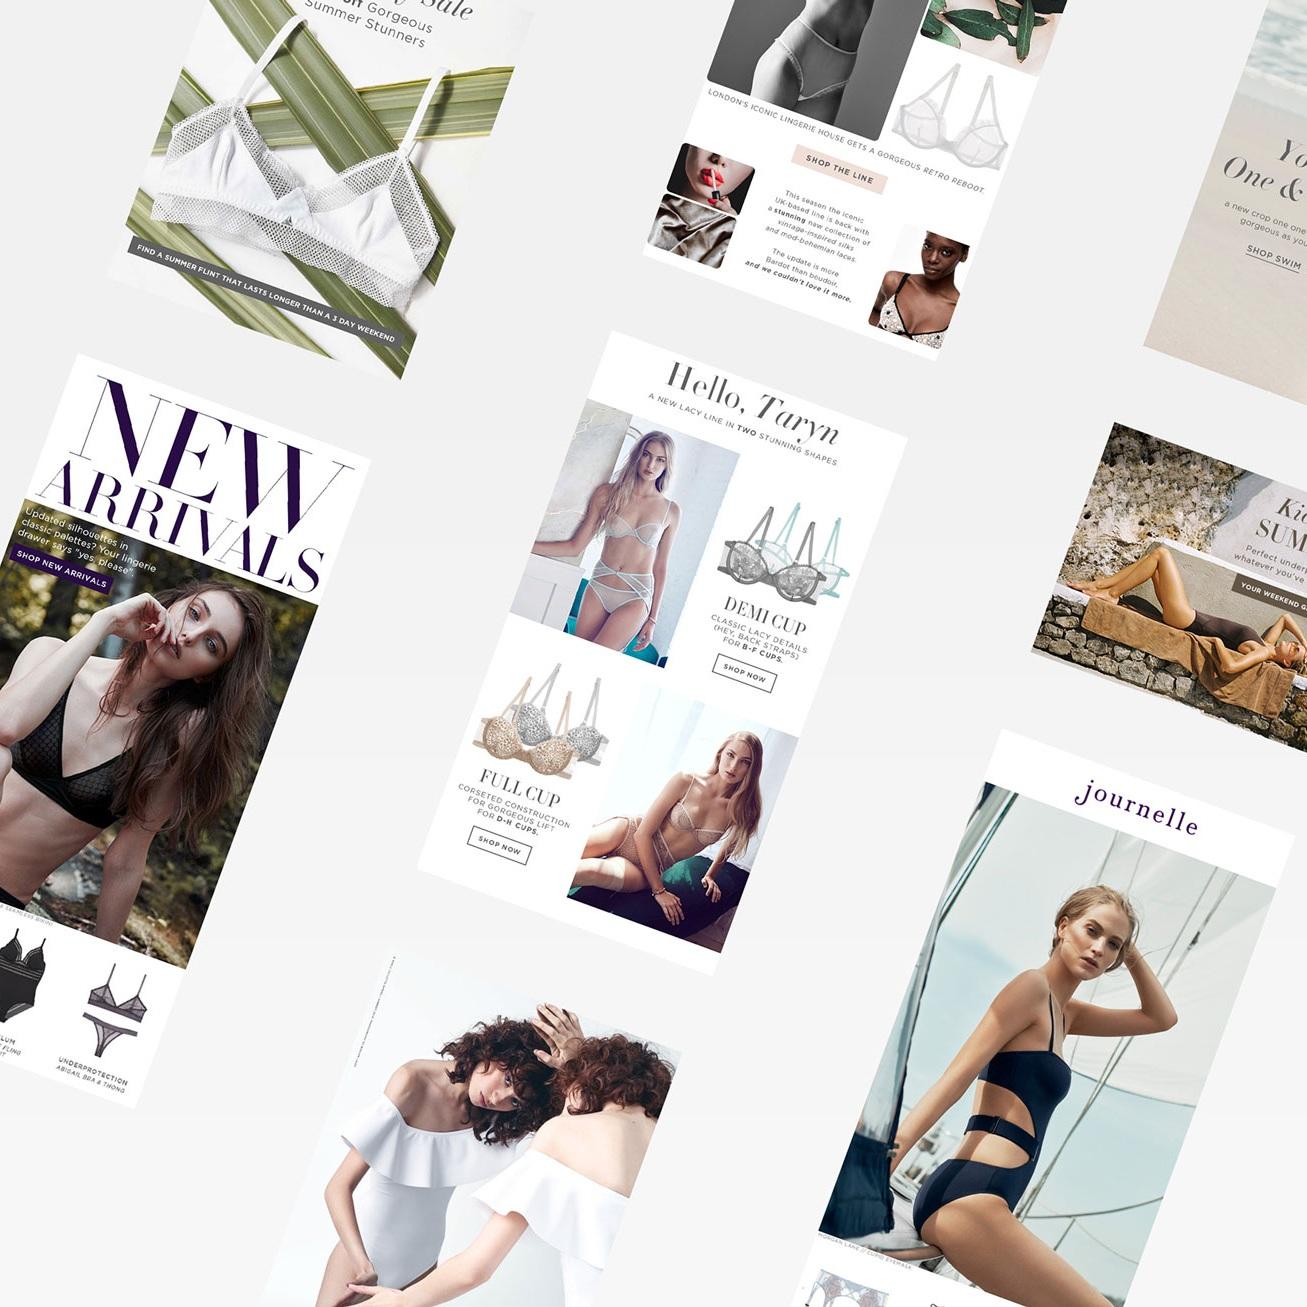 journelle-fashion-lingerie-email-newsletter-design.jpg